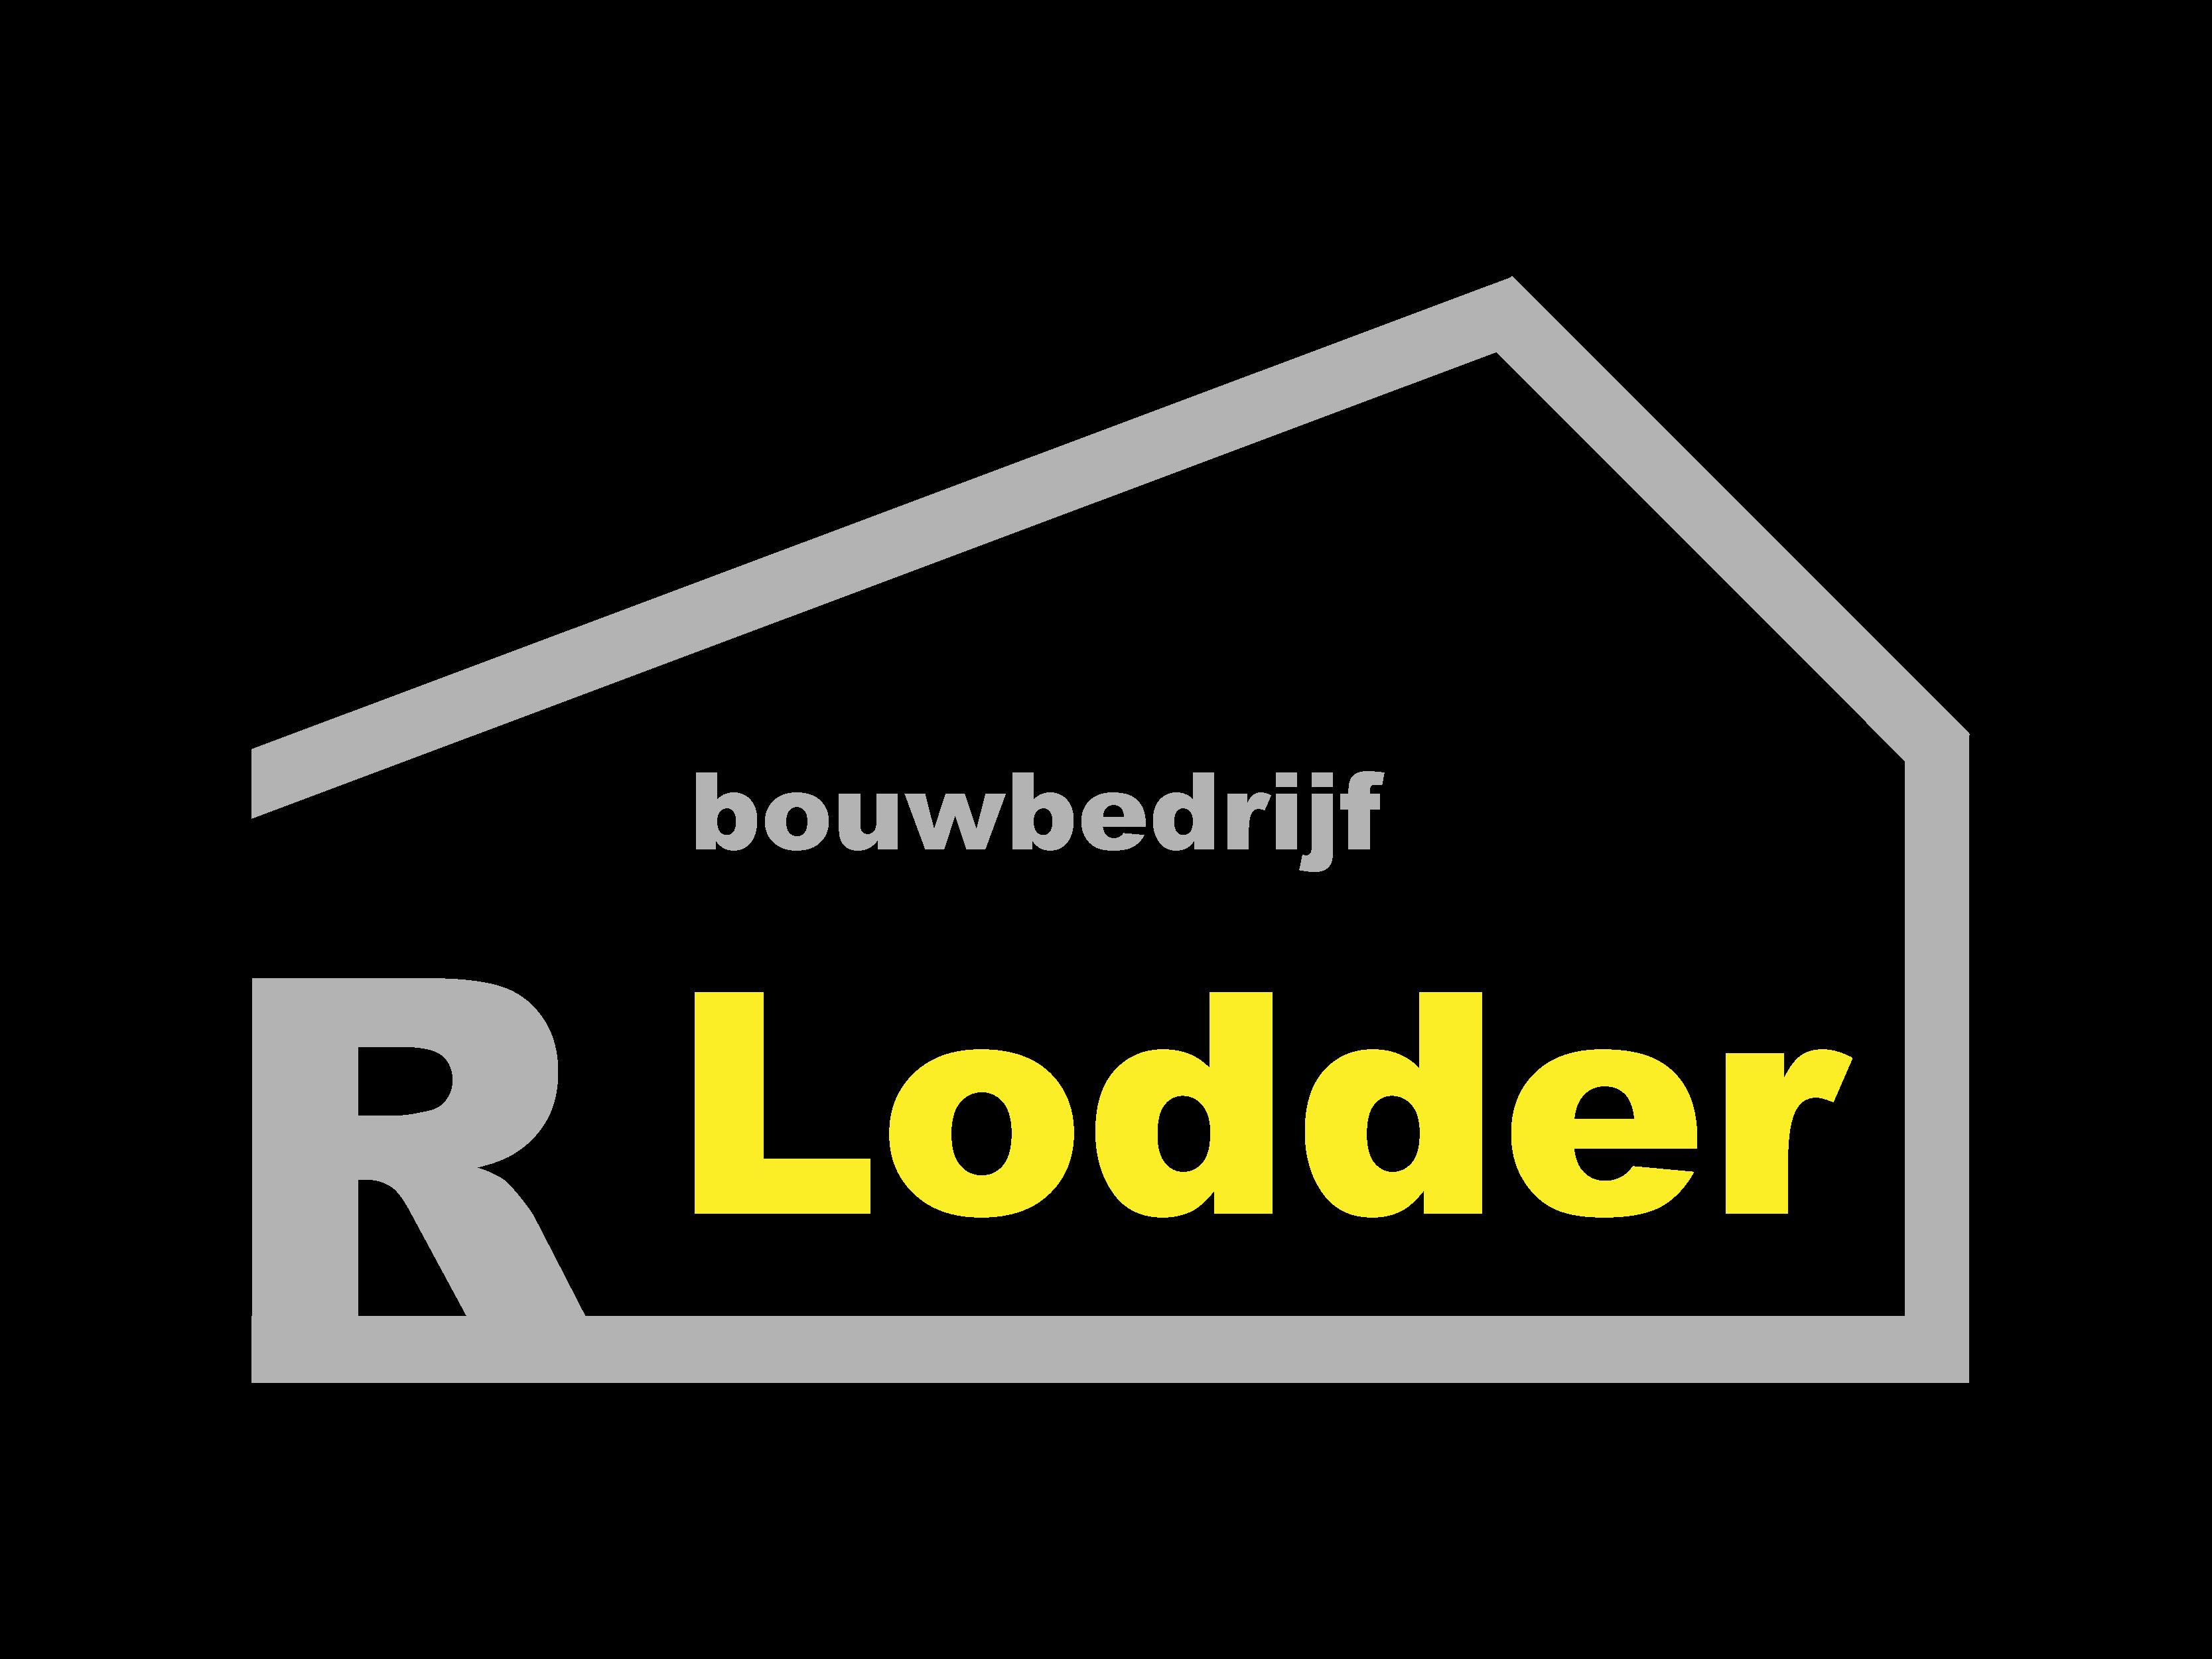 Bouwbedrijf R Lodder